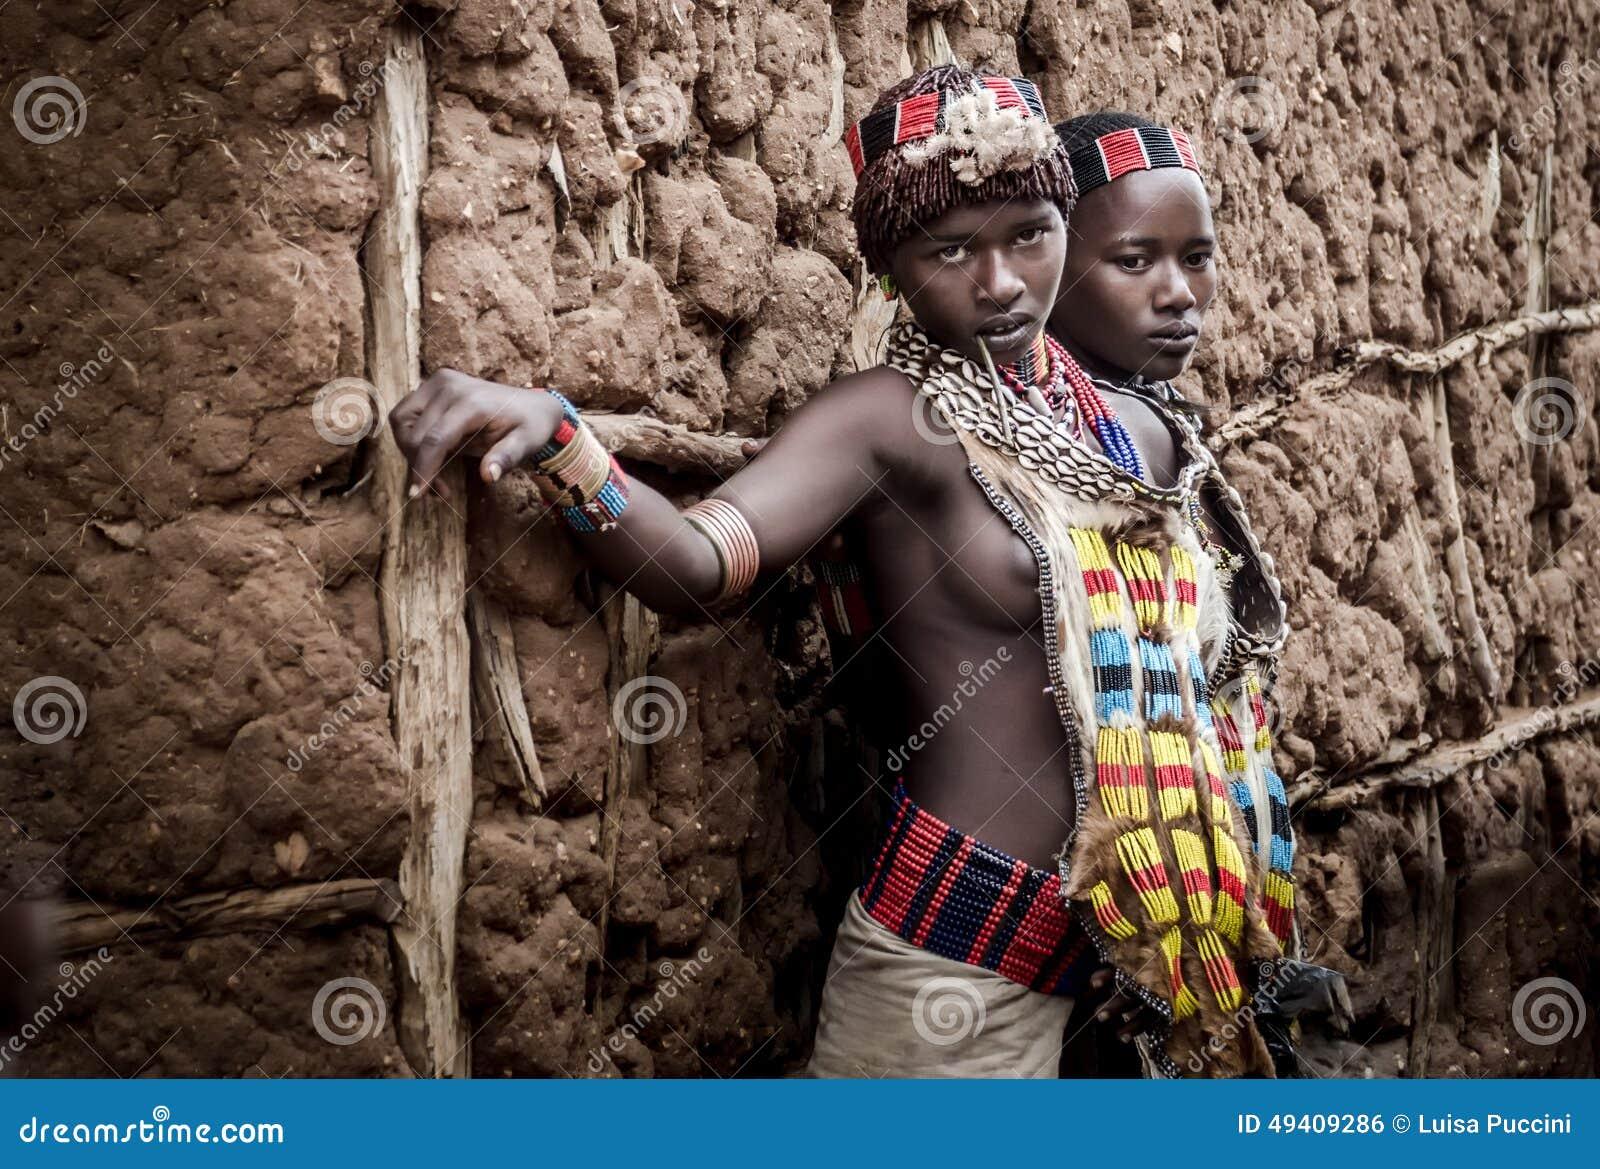 Download Junge Hamer-Frauen In Ihren Trachtenkleidern Redaktionelles Foto - Bild von traditionell, reise: 49409286